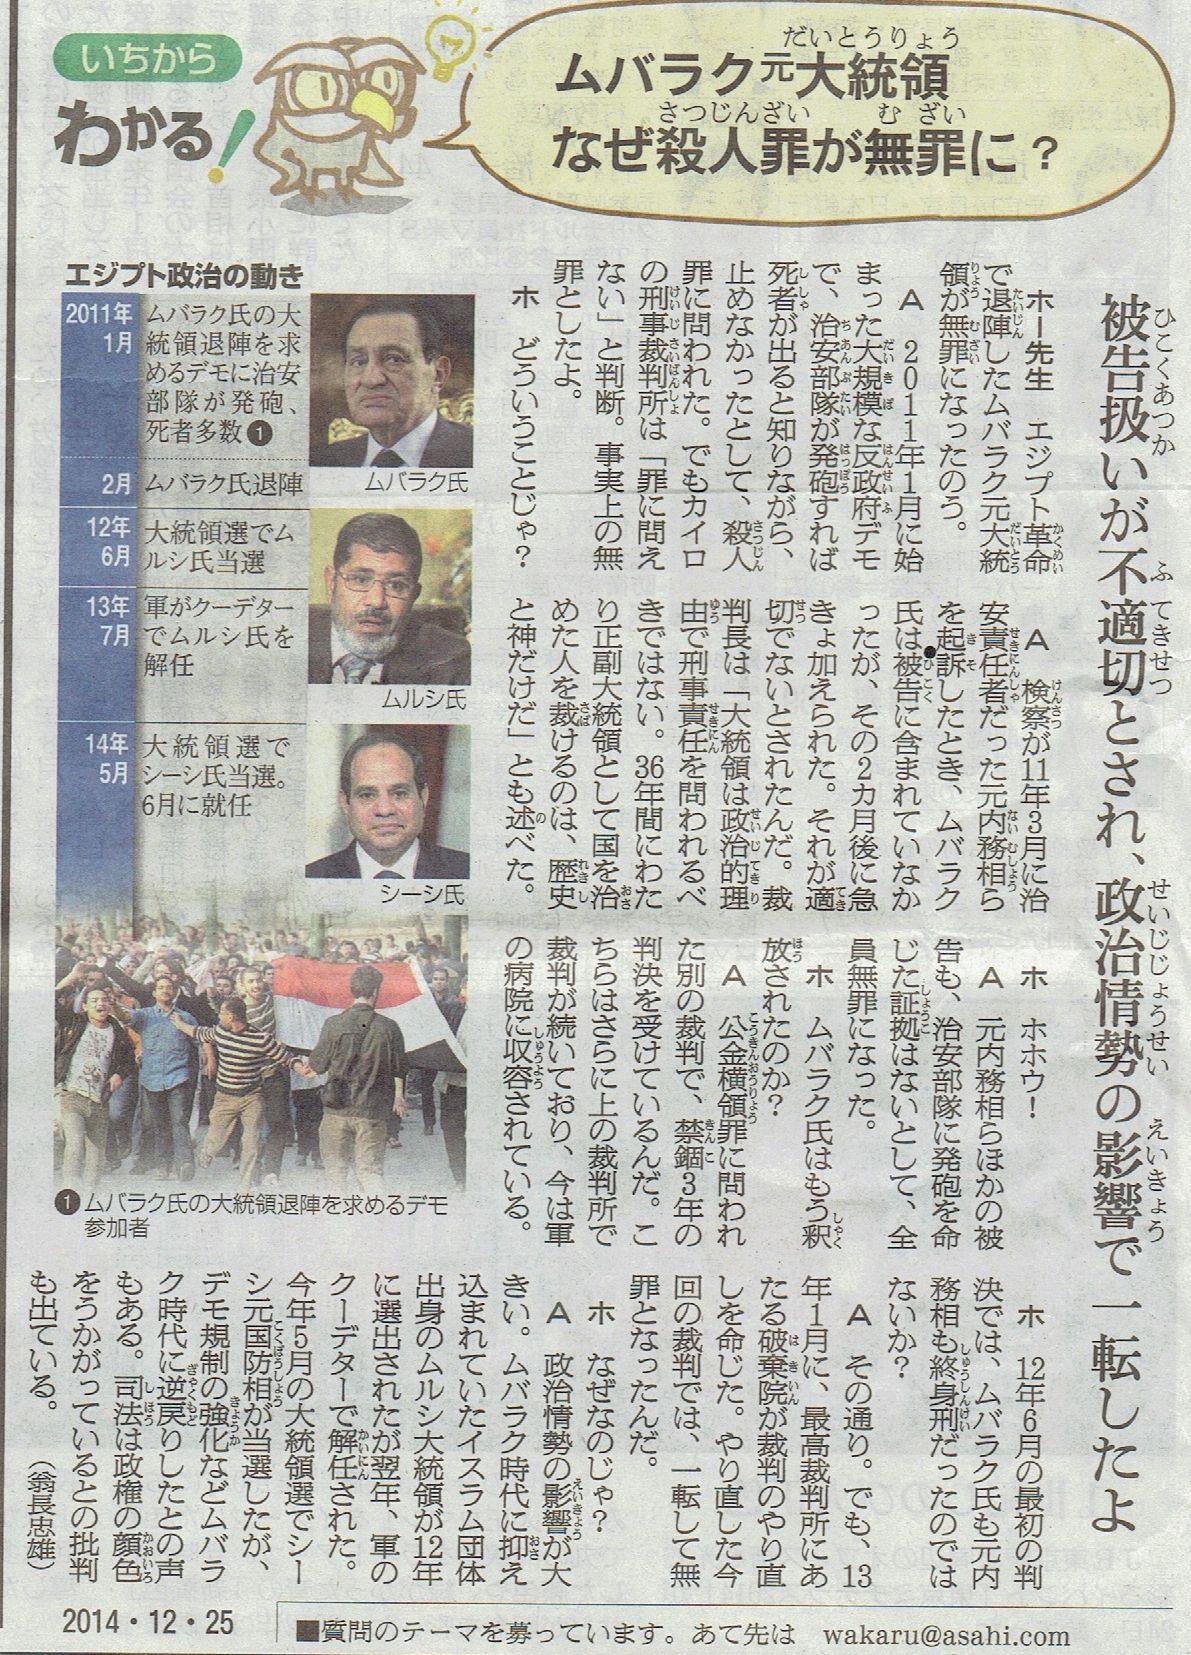 2014年12月25日 日本海軍関連土浦航空隊  その9_d0249595_742990.jpg